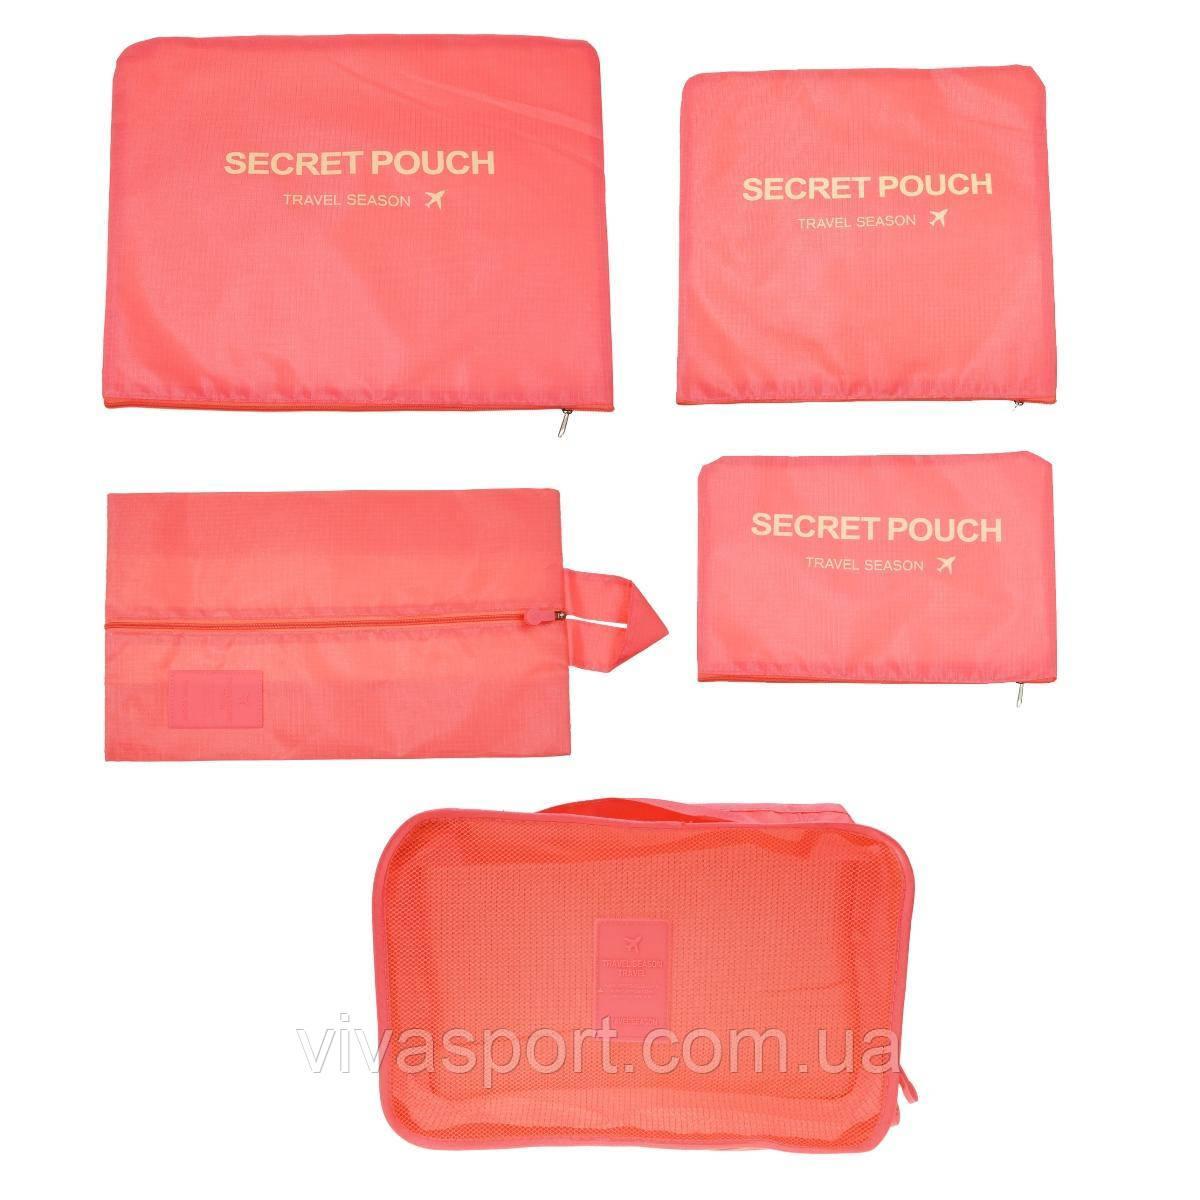 Набор органайзеров для путешествий 7 предметов, Розовый